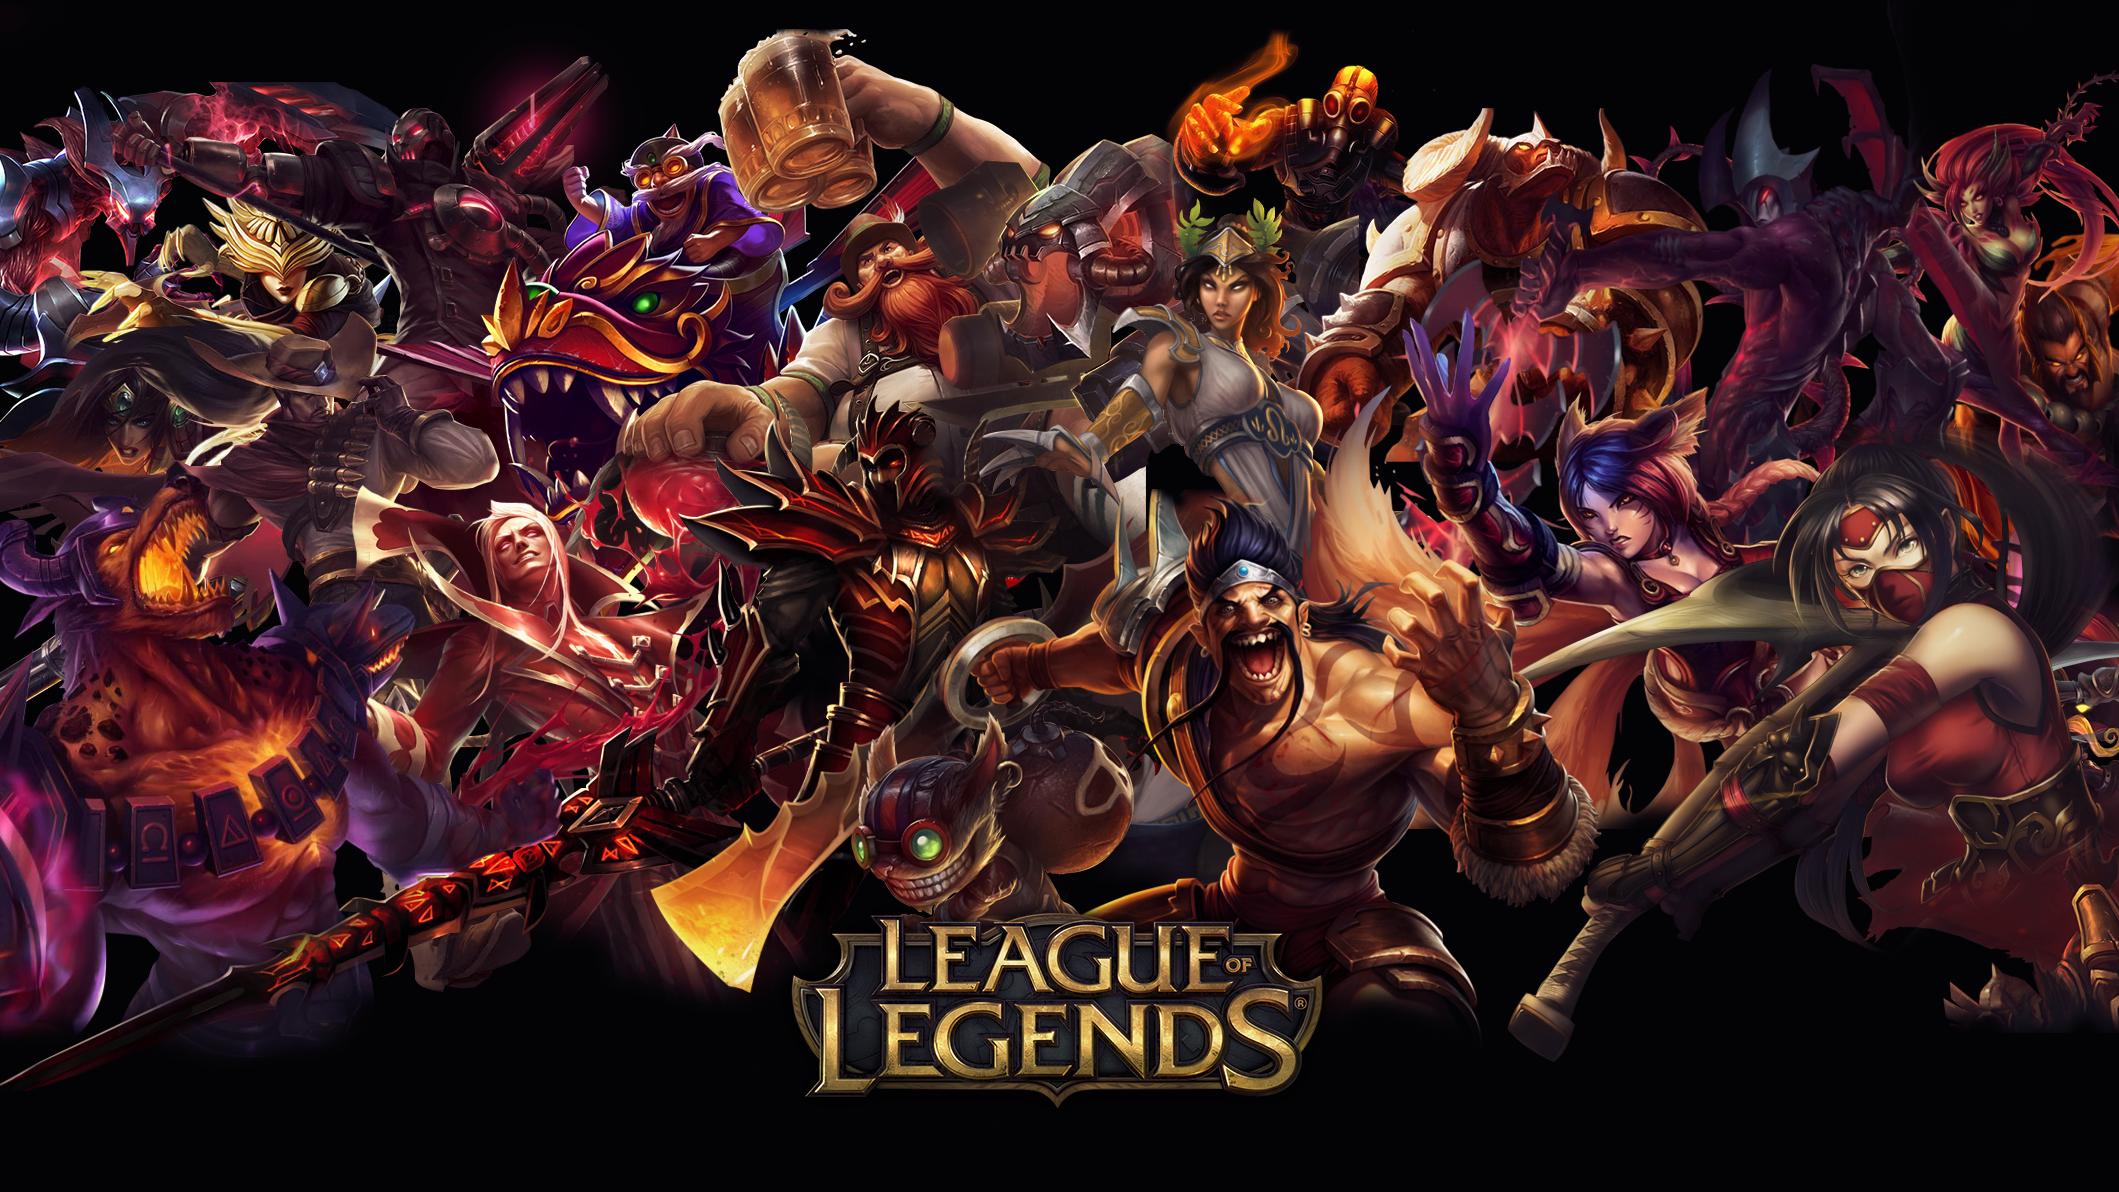 League of Legends Red Wallpaper wallpaper